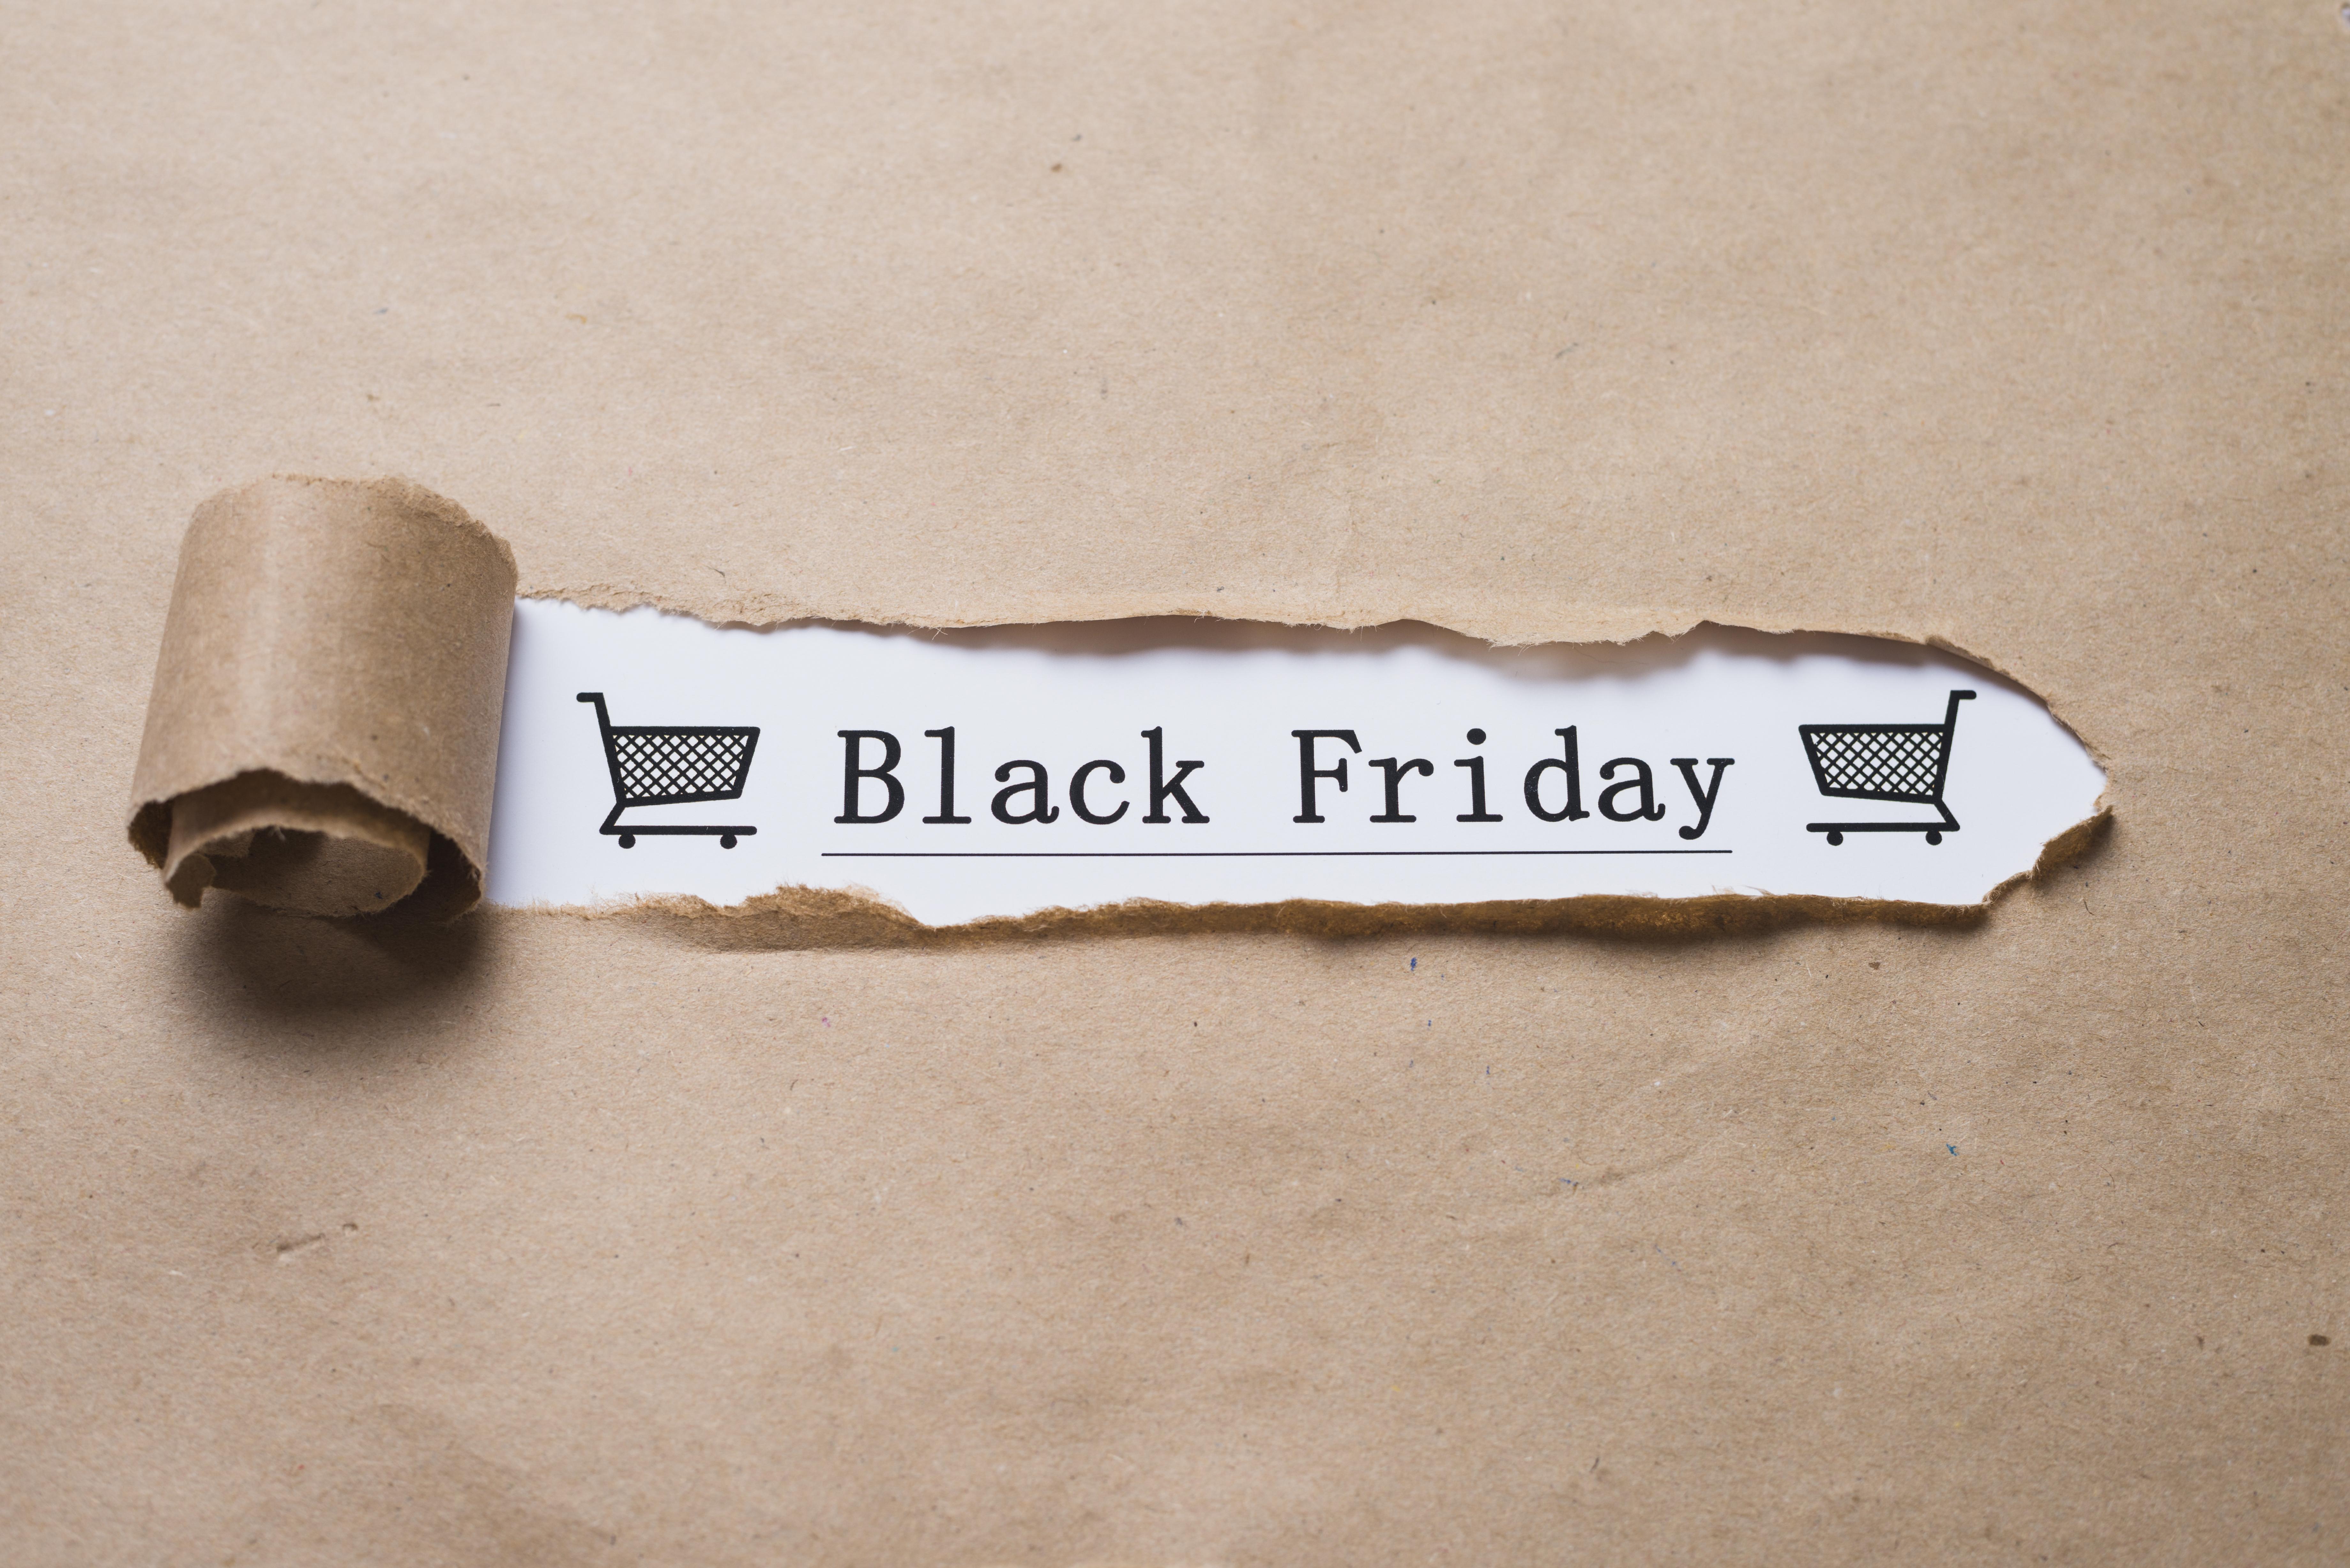 Vende más que tus competidores en este Black Friday